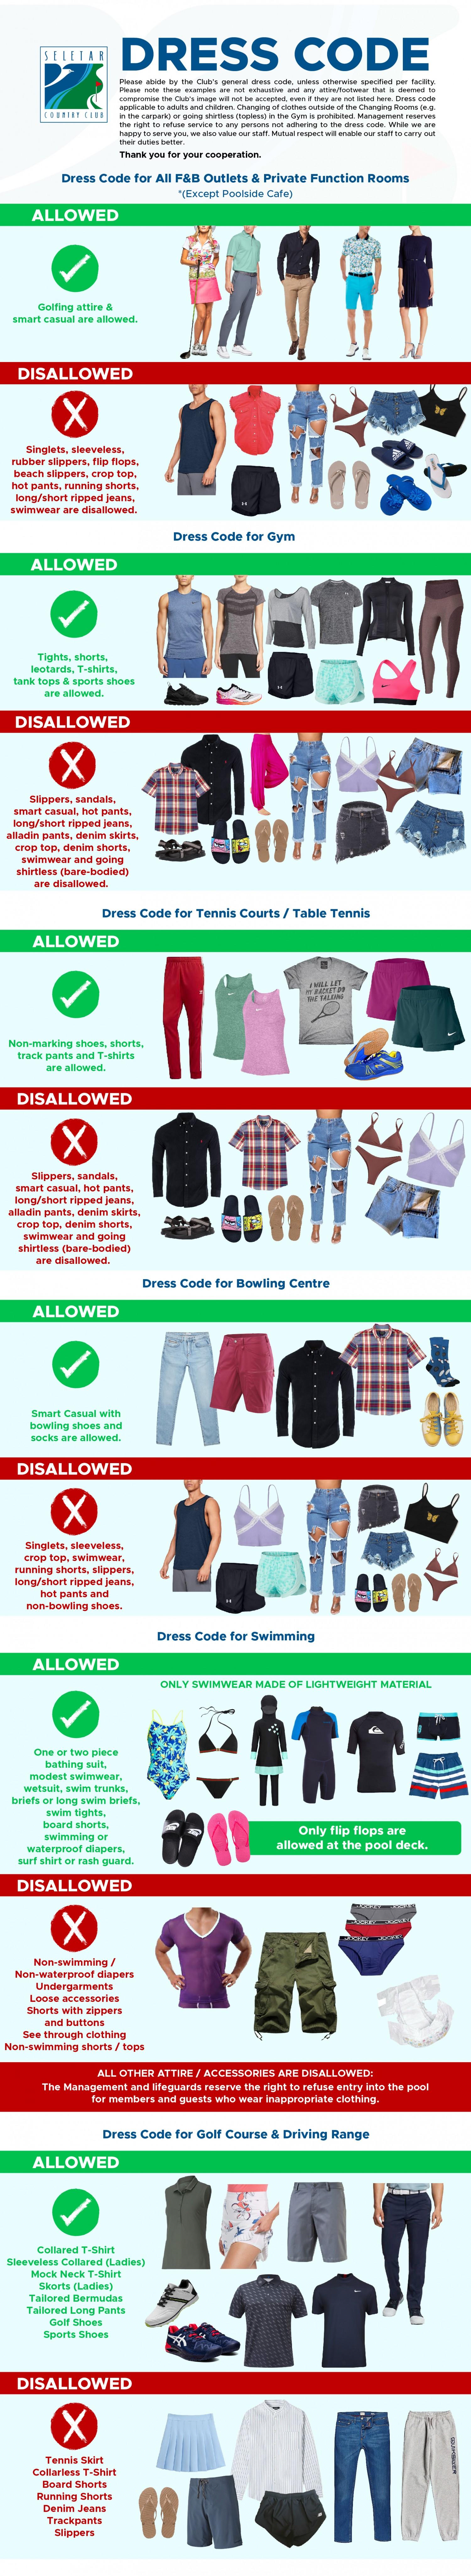 Dress Code_V3-03